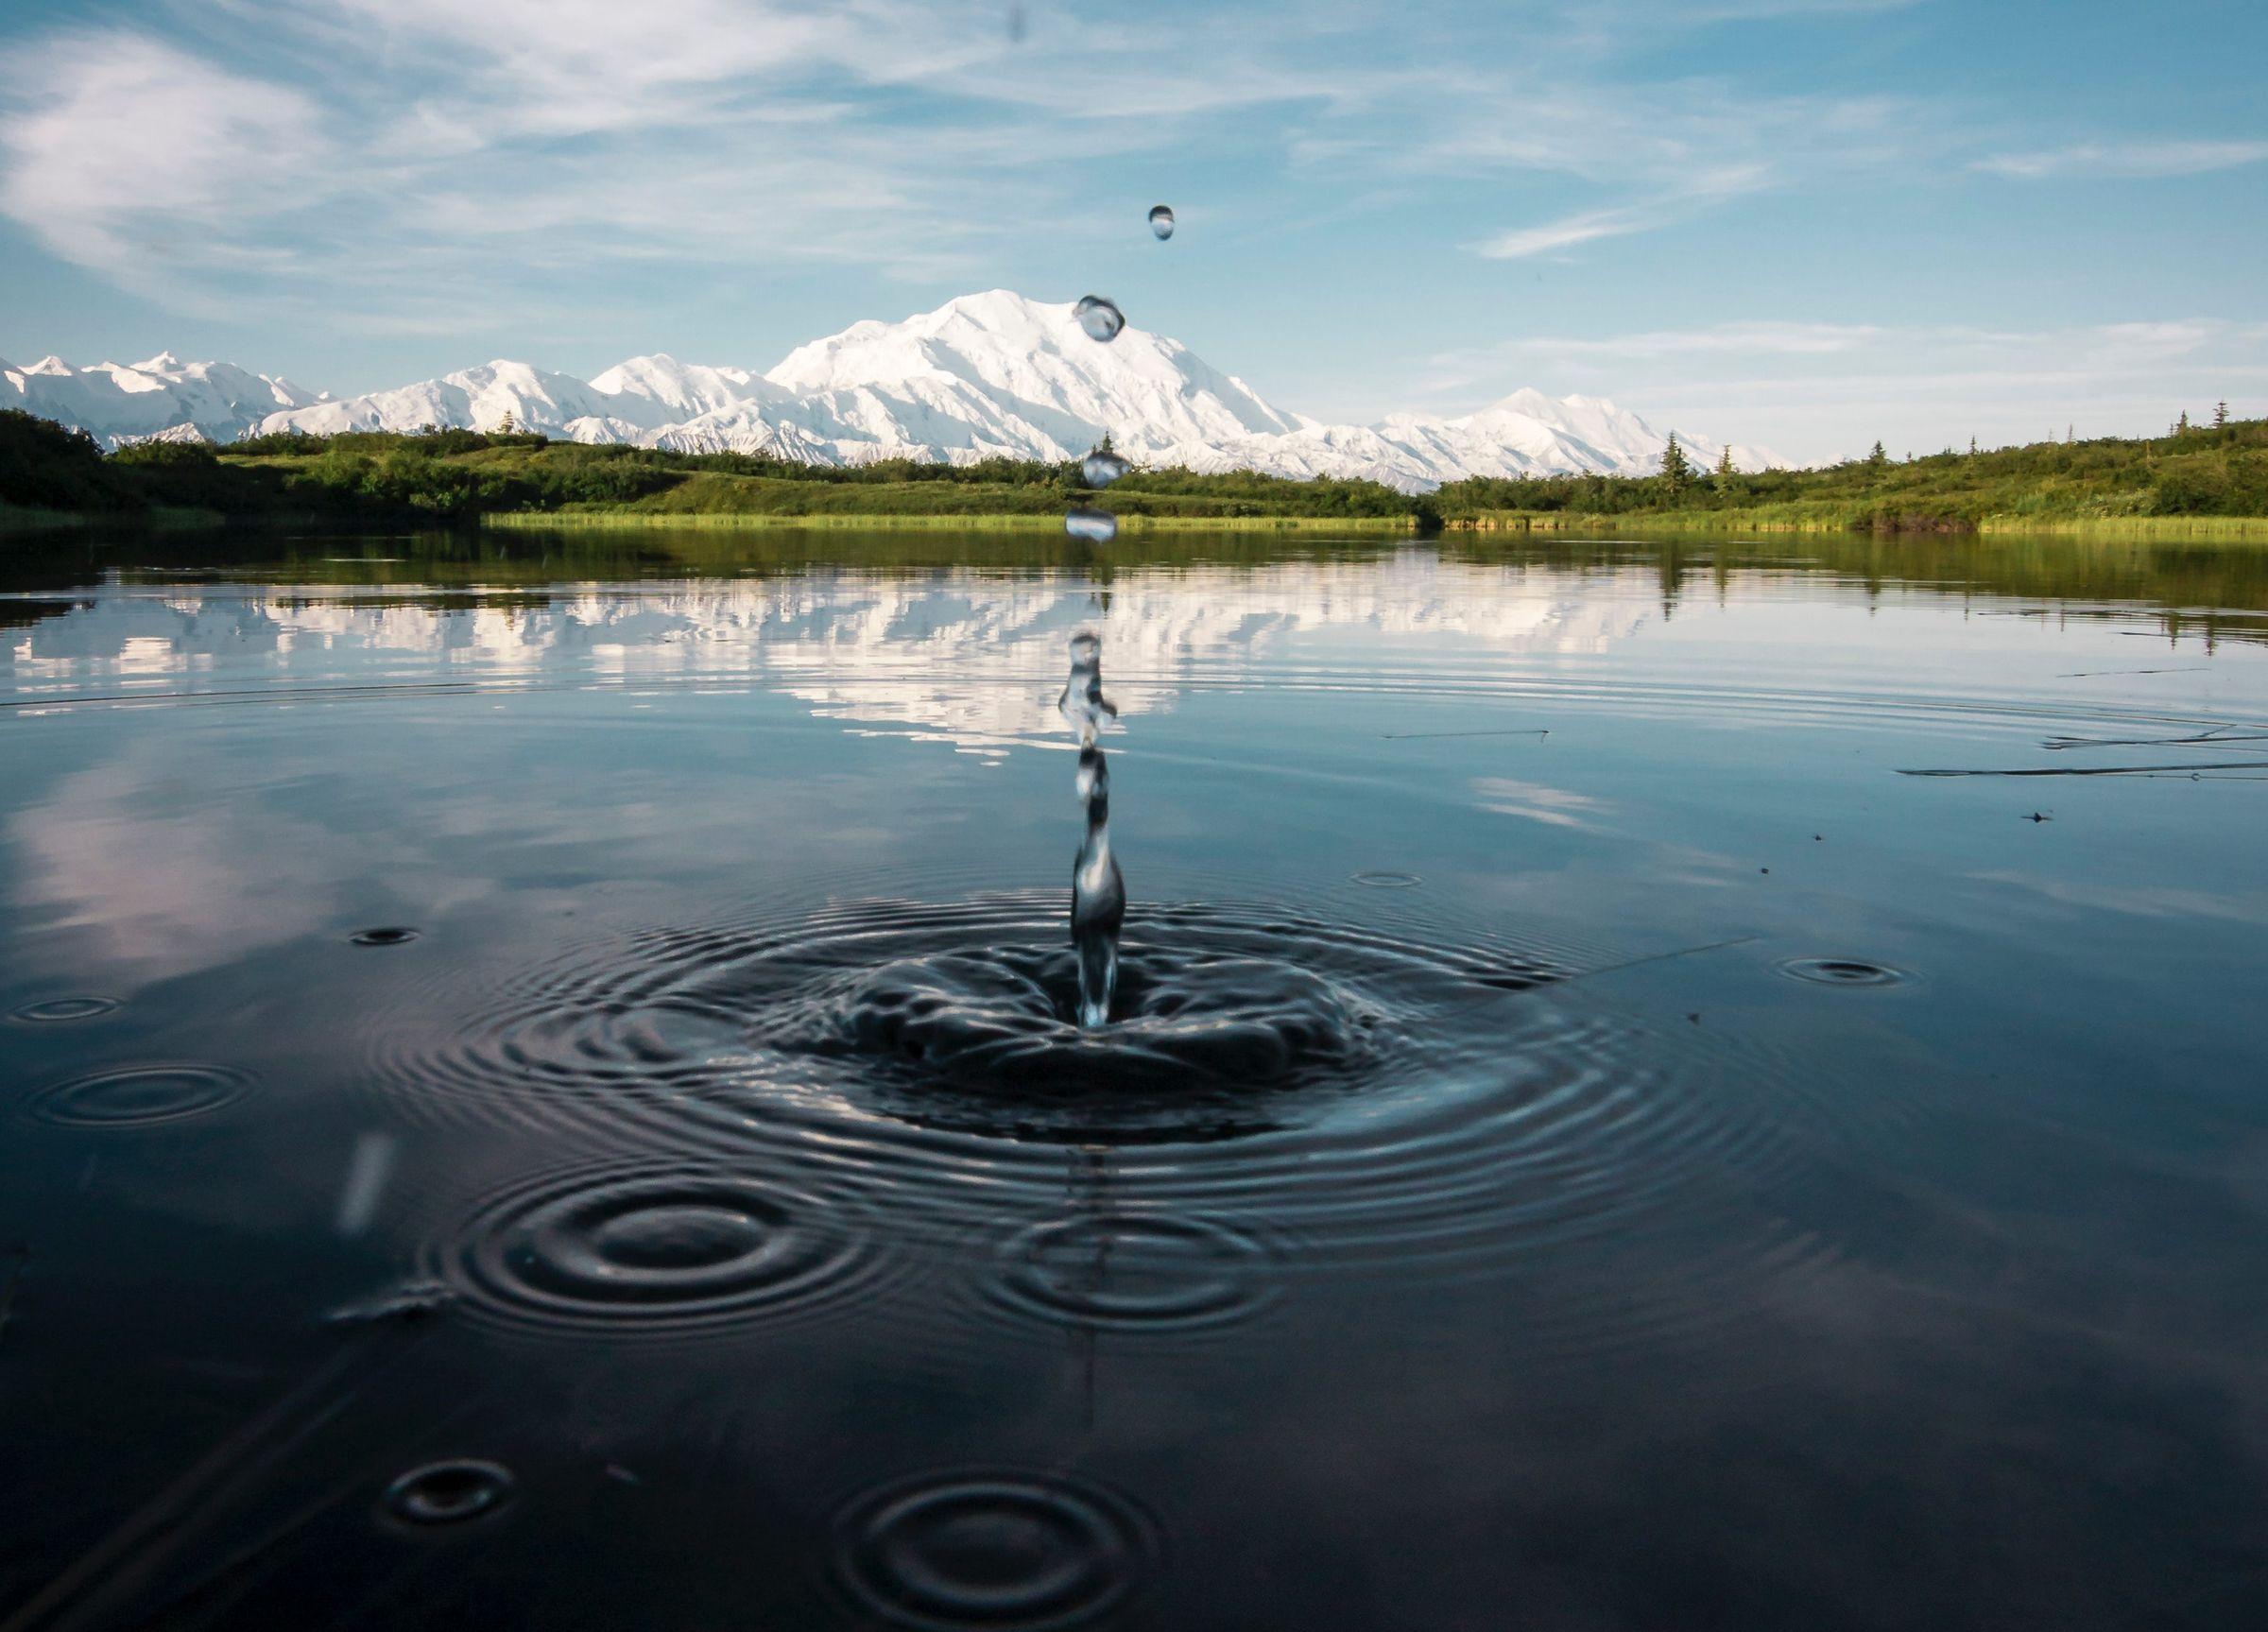 Iluistracija / Photo by Steve Halama on Unsplash